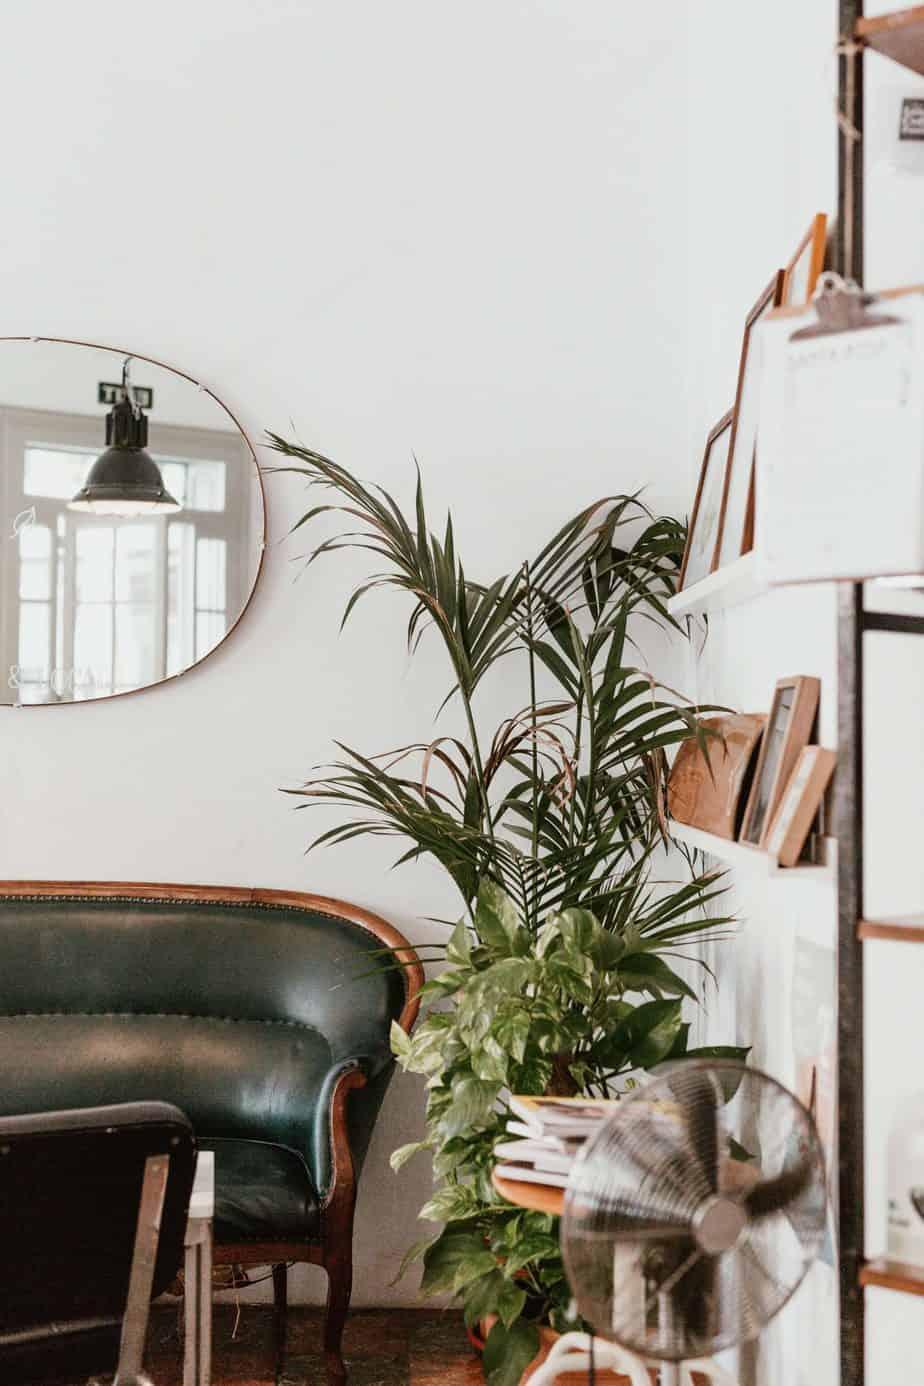 marten bjork 741852 unsplash 2 1365x2048 - DIY déco : comment décorer son intérieur sans engager un designer ?